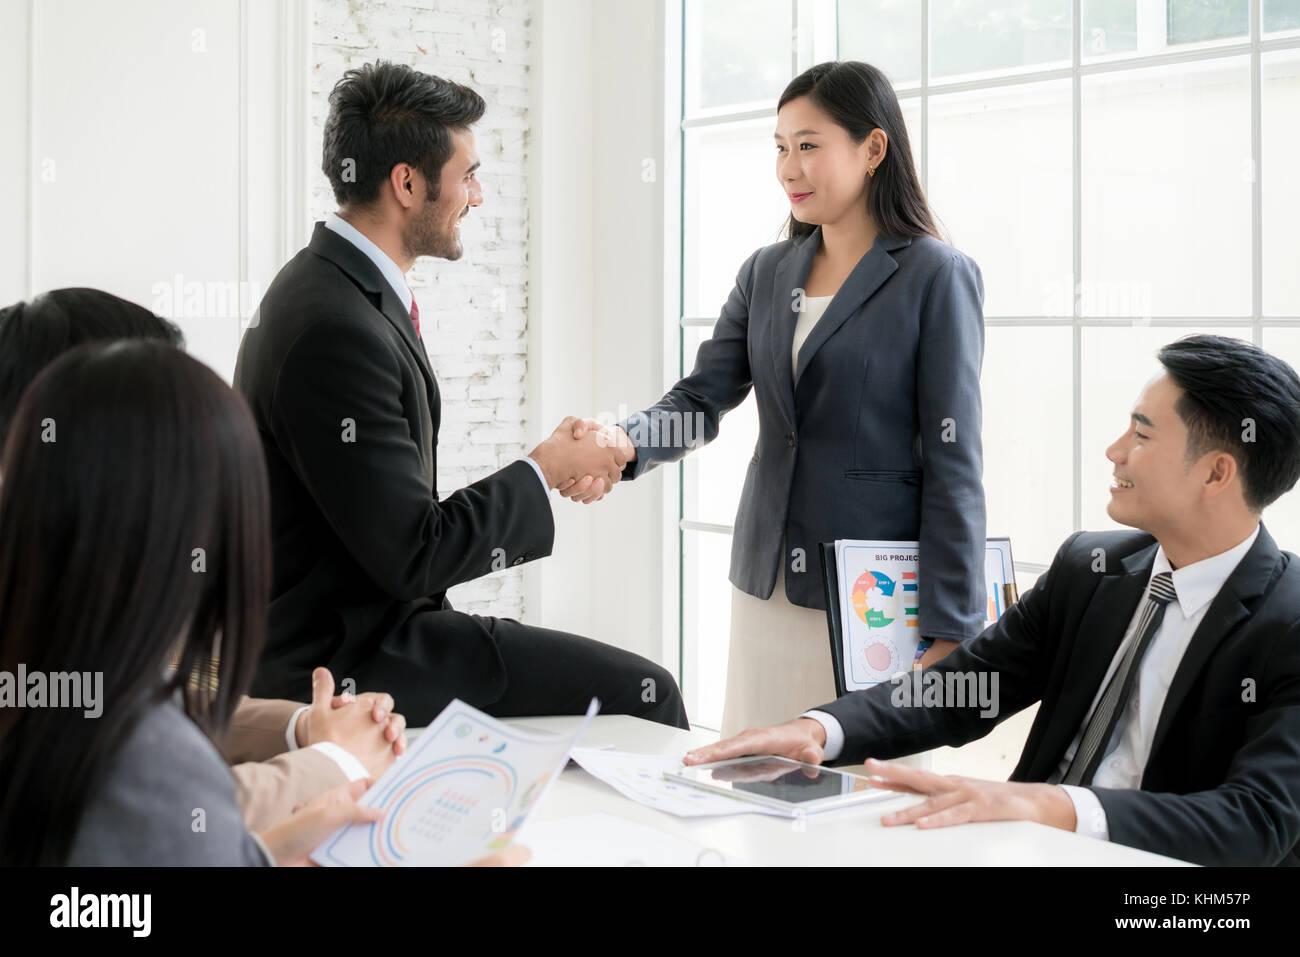 Trabajo exitoso empresario asiático y empresaria un apretón de manos en la sala de juntas al finalizar Imagen De Stock